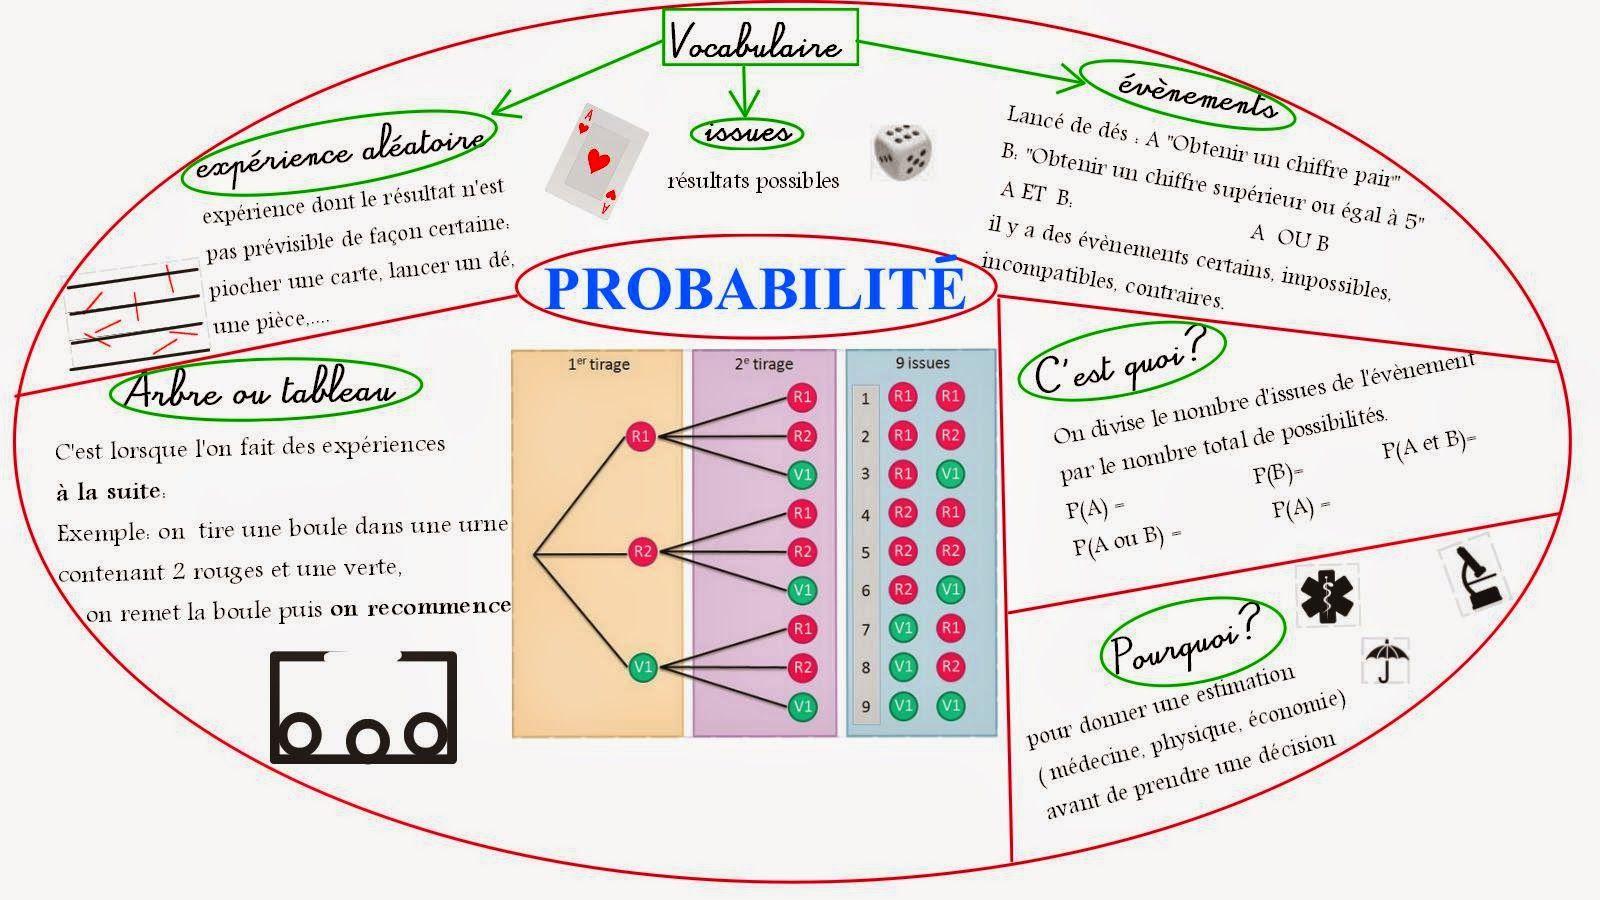 carte mentale probabilités